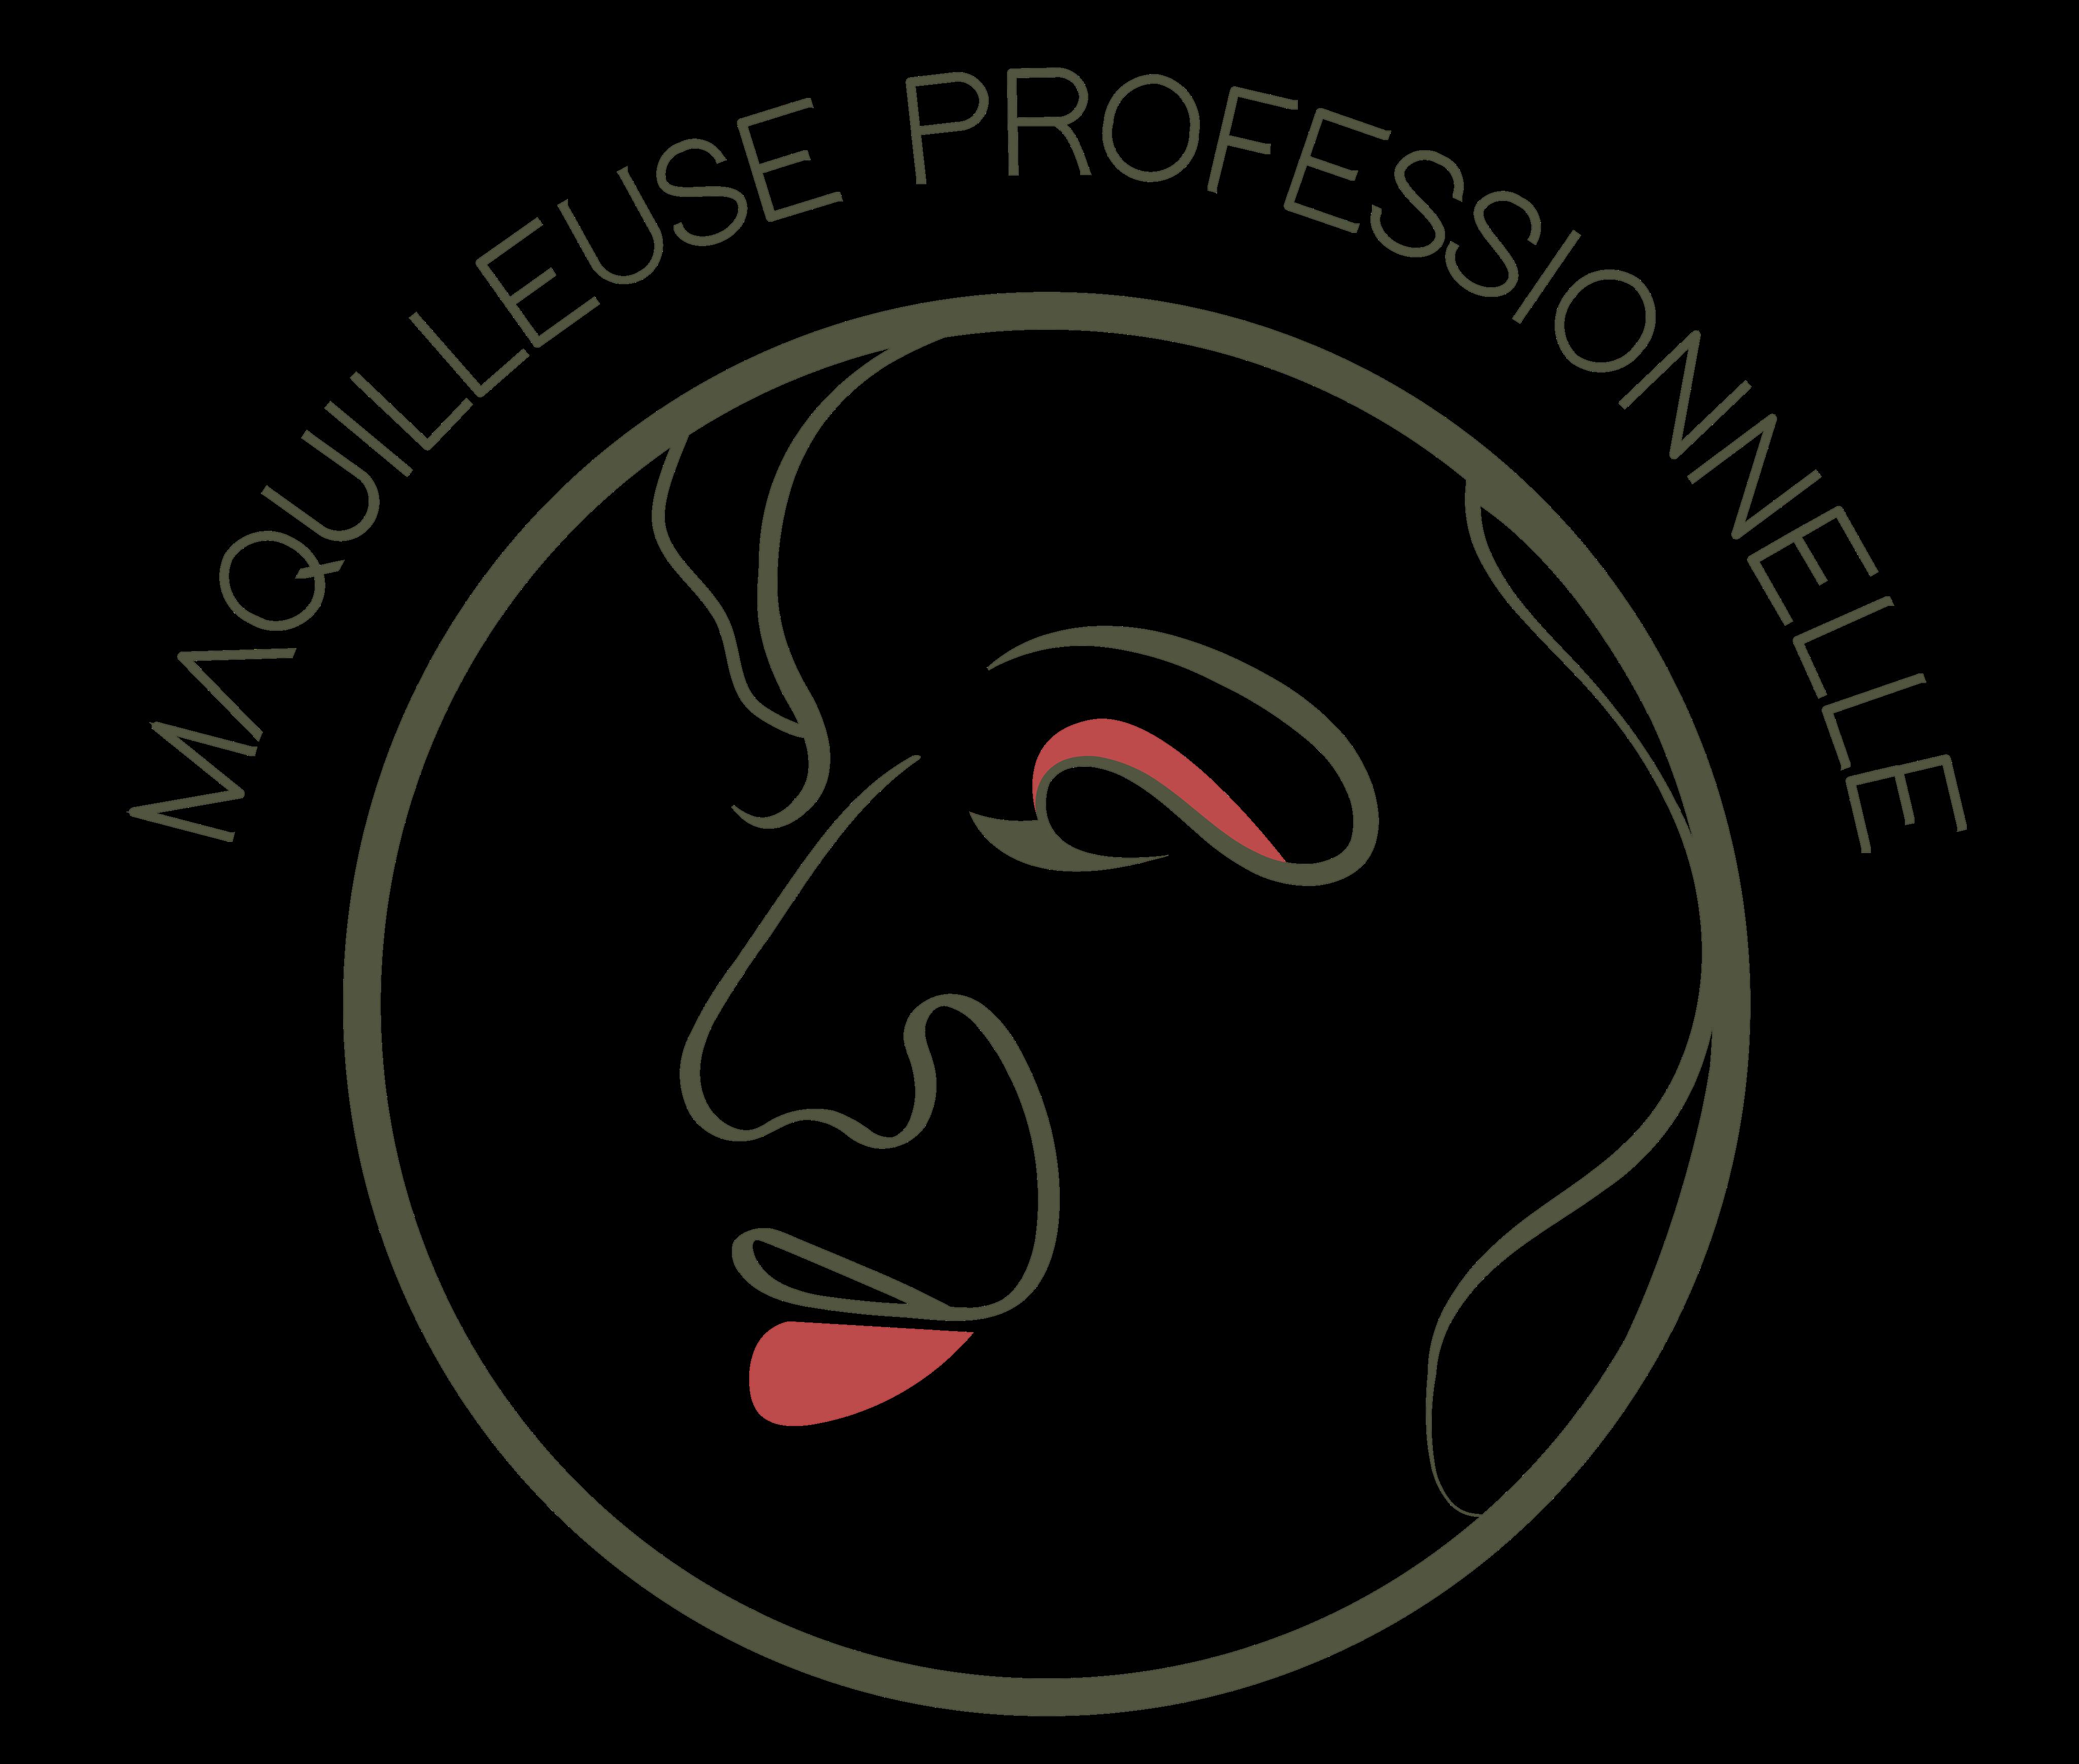 Maxime Eugène